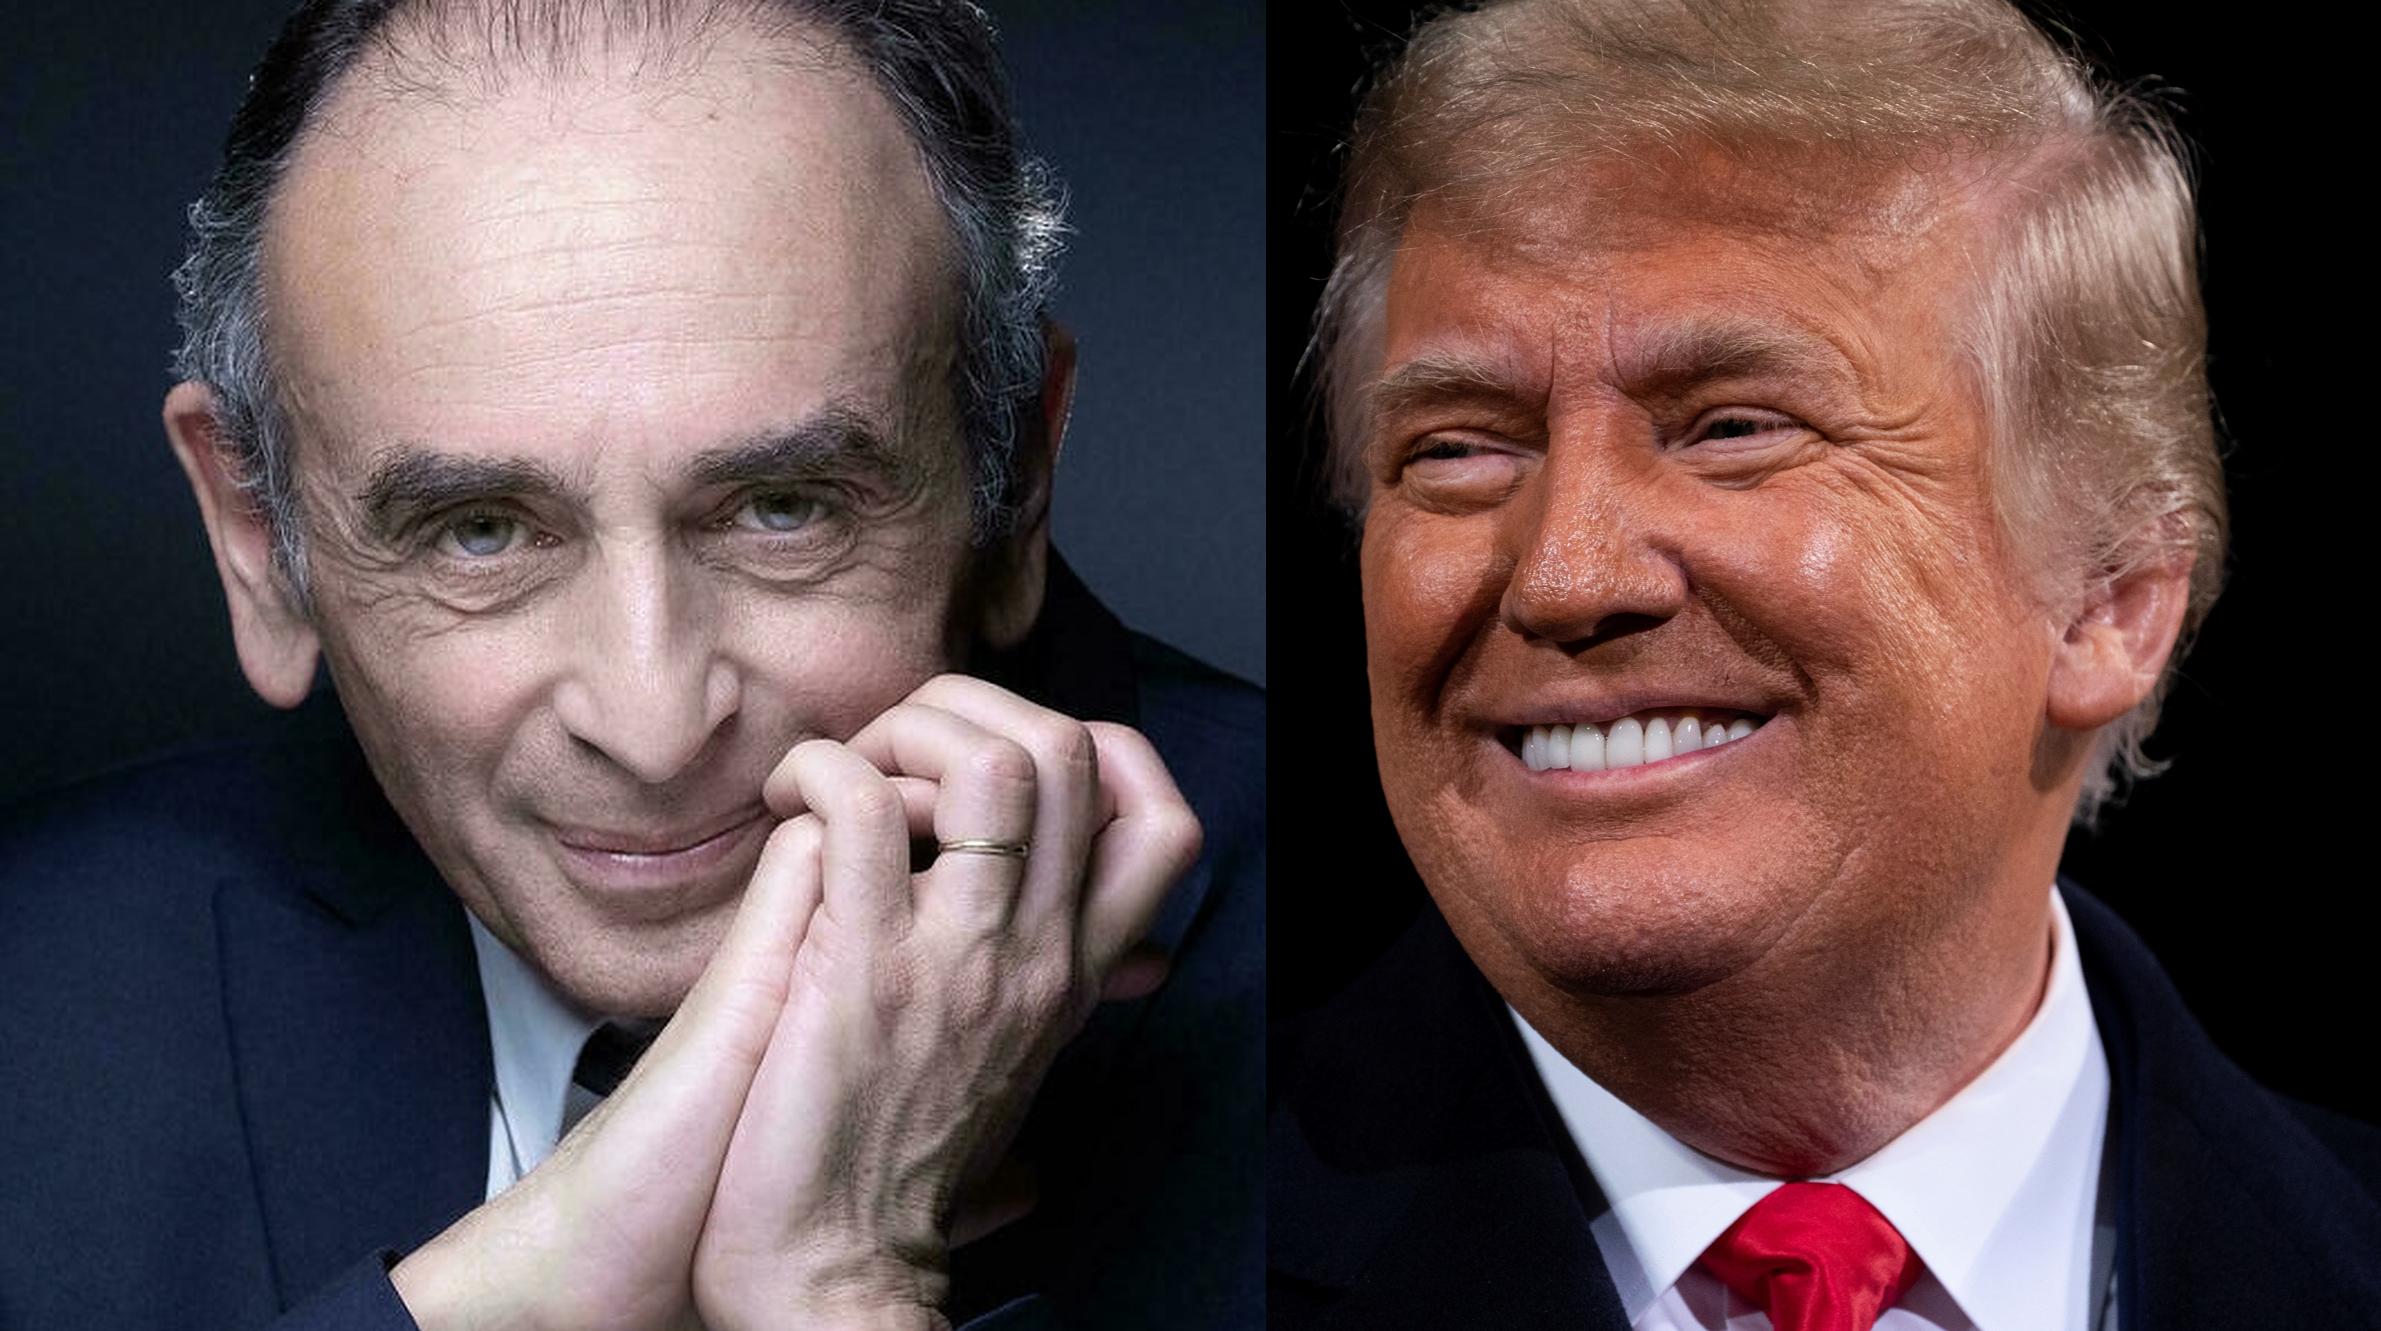 Eric Zemmour, candidat la alegerile prezidențiale din Franța, pare a fi Donald Trump francez. Asemănările dintre cei doi